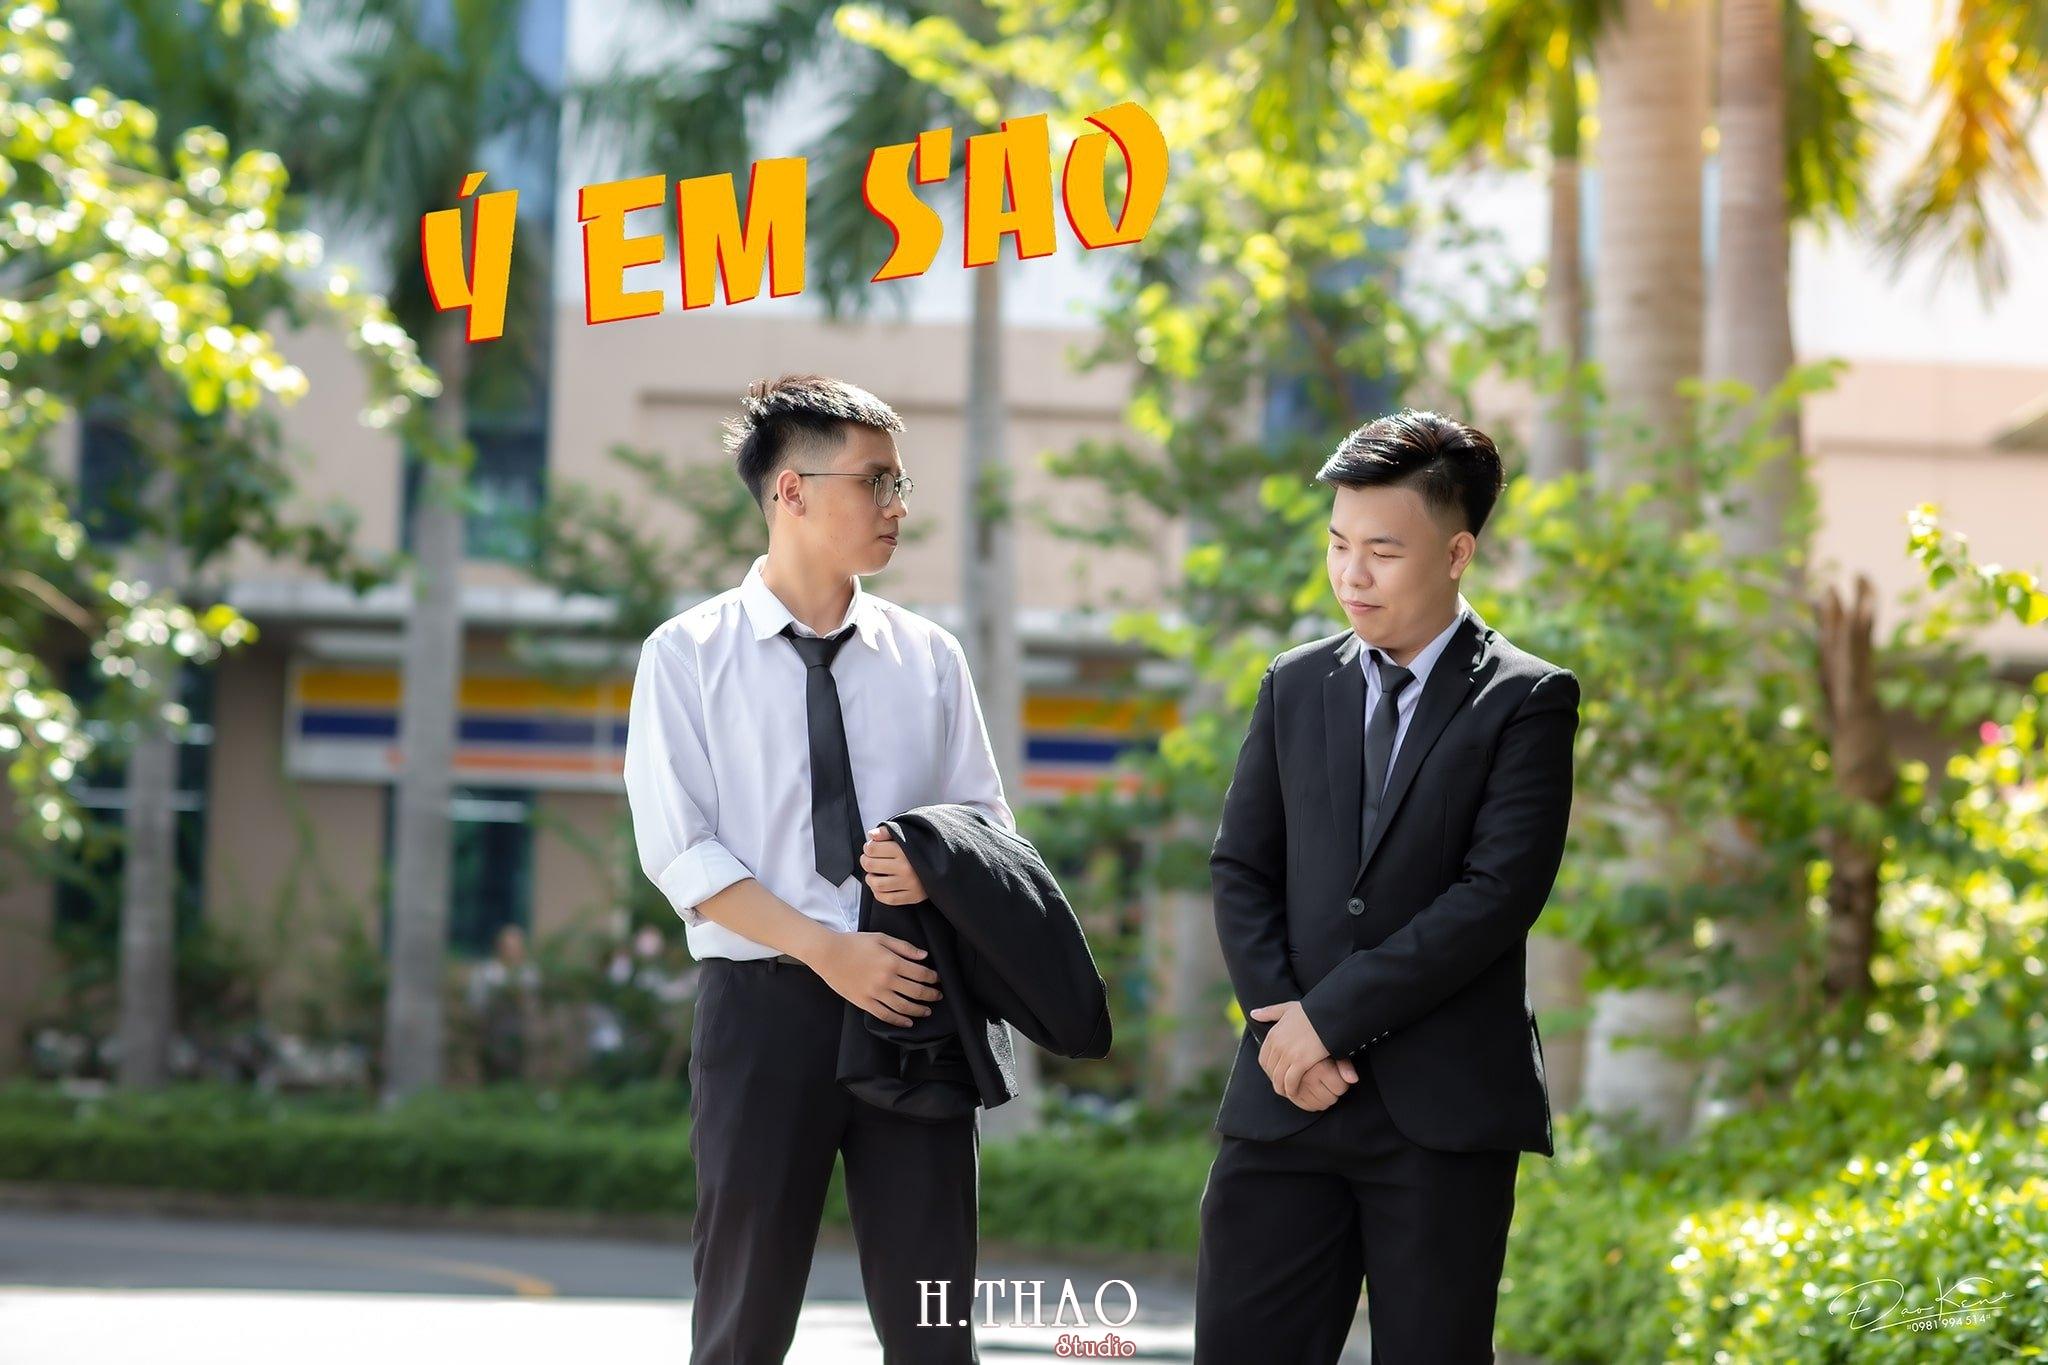 """Ky yeu lop 17C7 1 min - Bộ ảnh kỷ yếu """"siêu chất"""" của sinh viên HuTech - HThao Studio"""